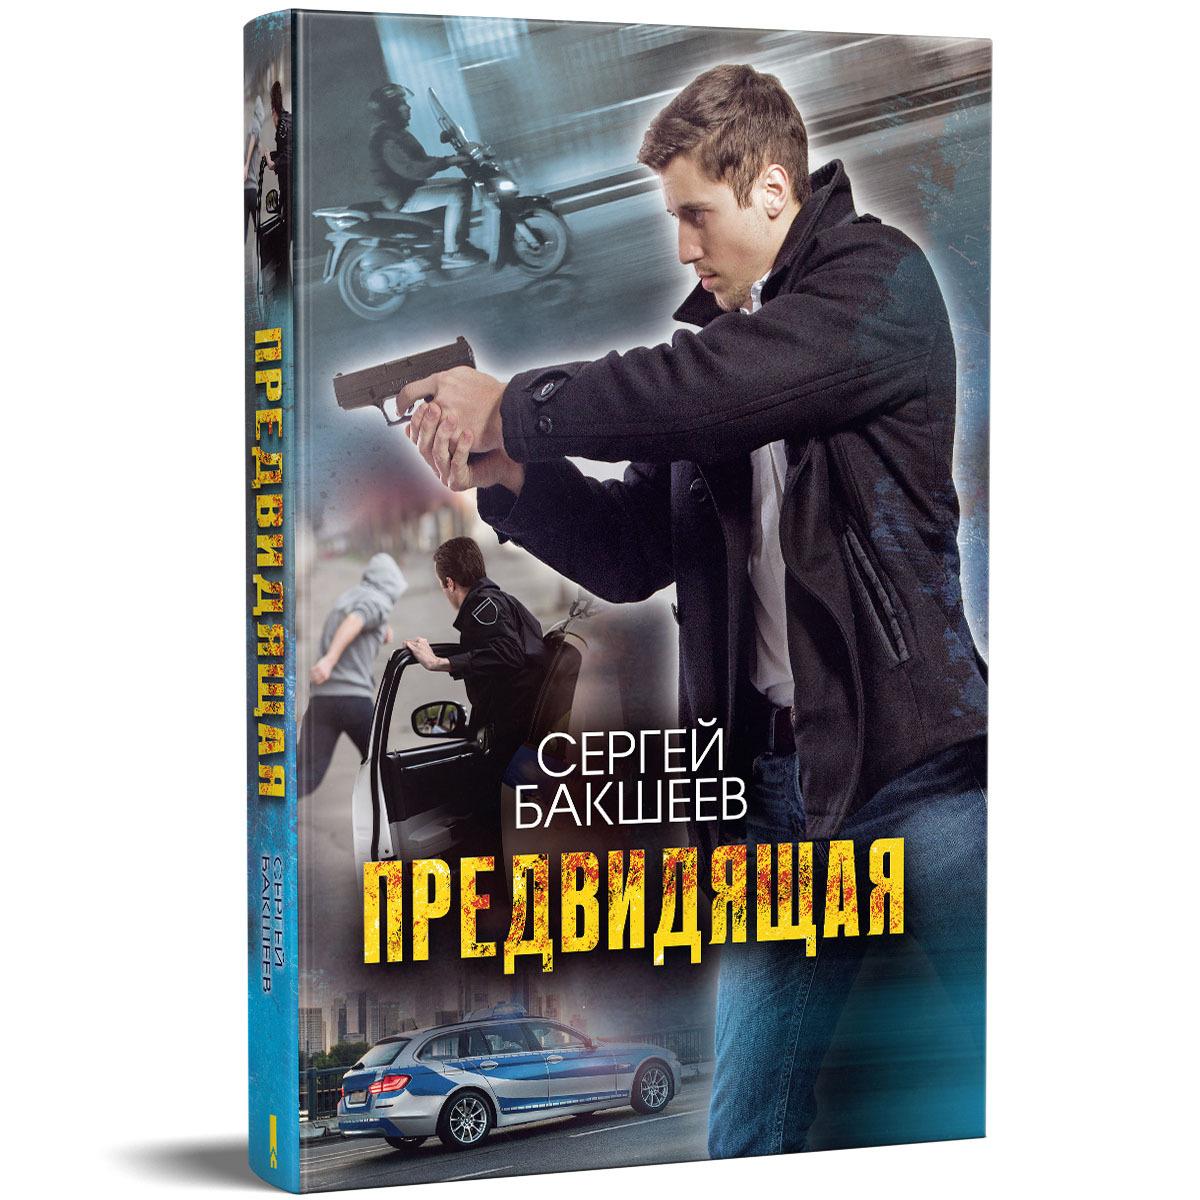 Предвидящая | Бакшеев Сергей Павлович #1